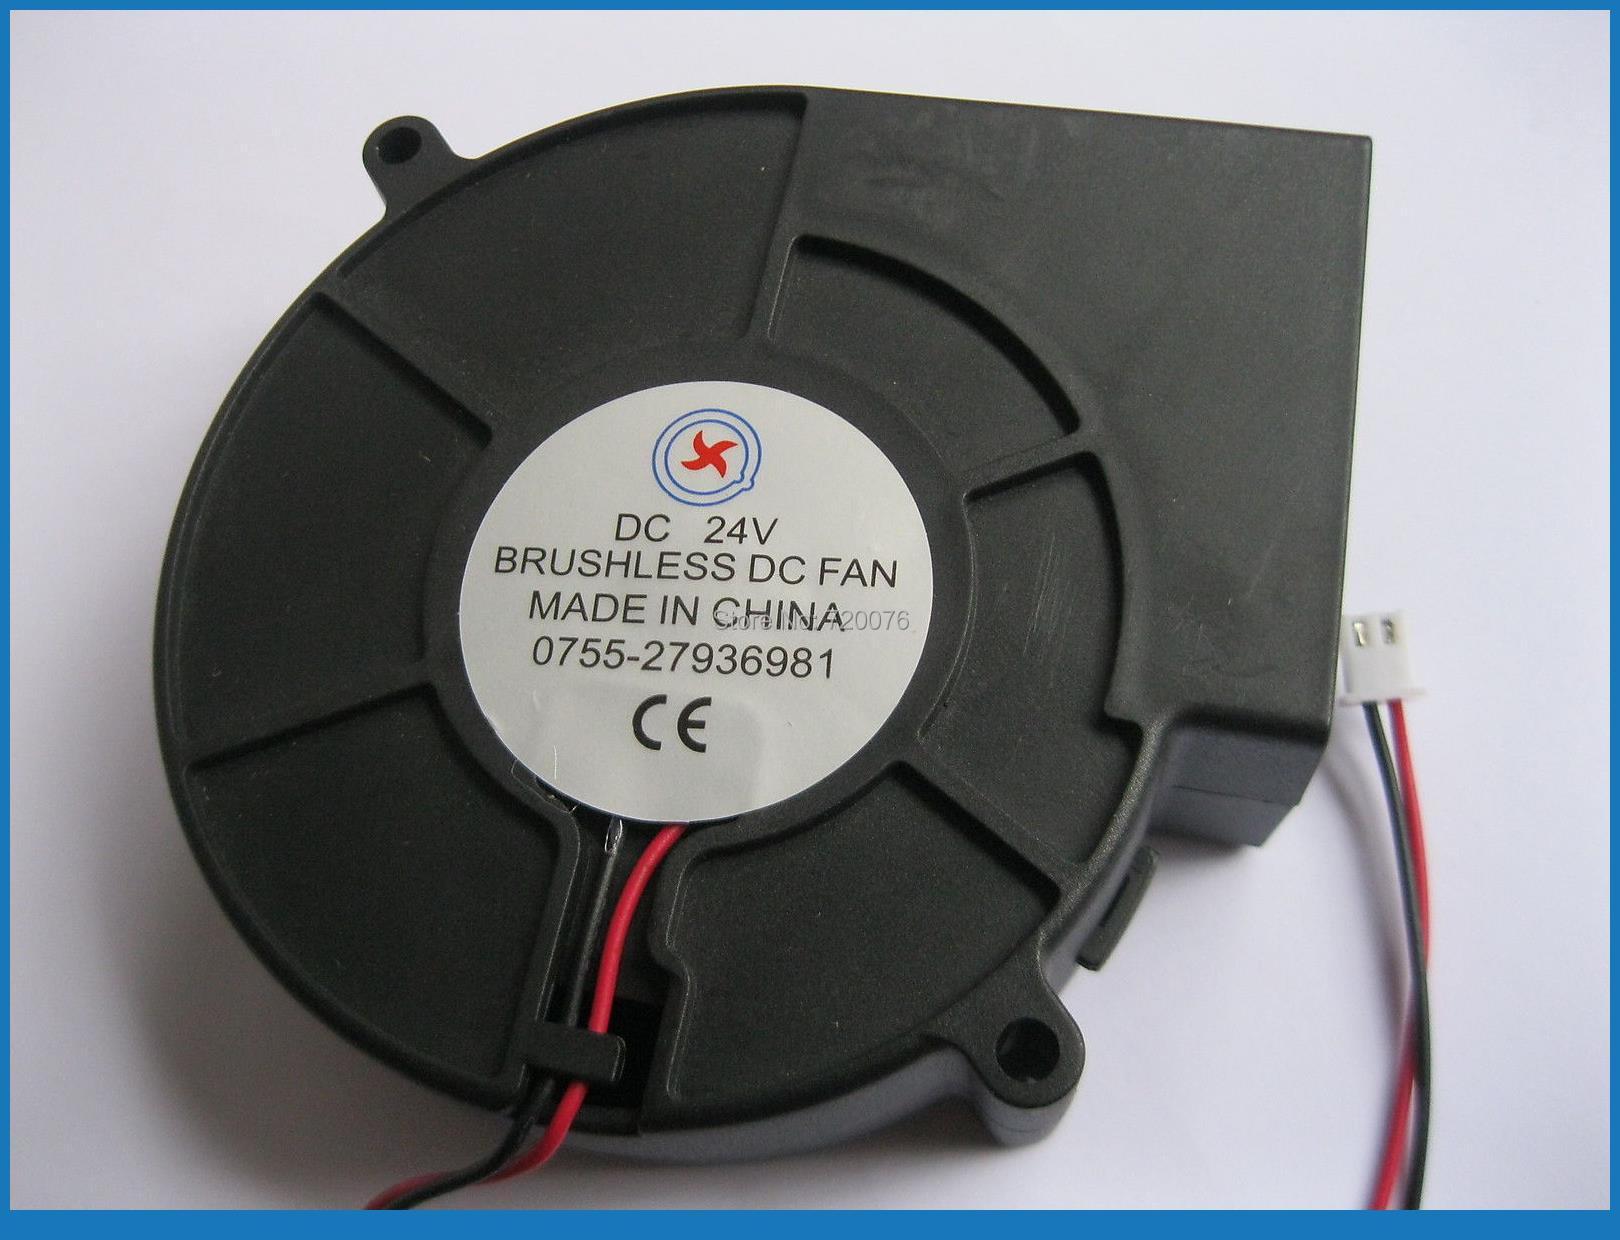 4 x Brushless DC Cooling Blower Fan 9733 24V 9733s 2pin av 8025m24b dc 24v brushless cooling fan for diy